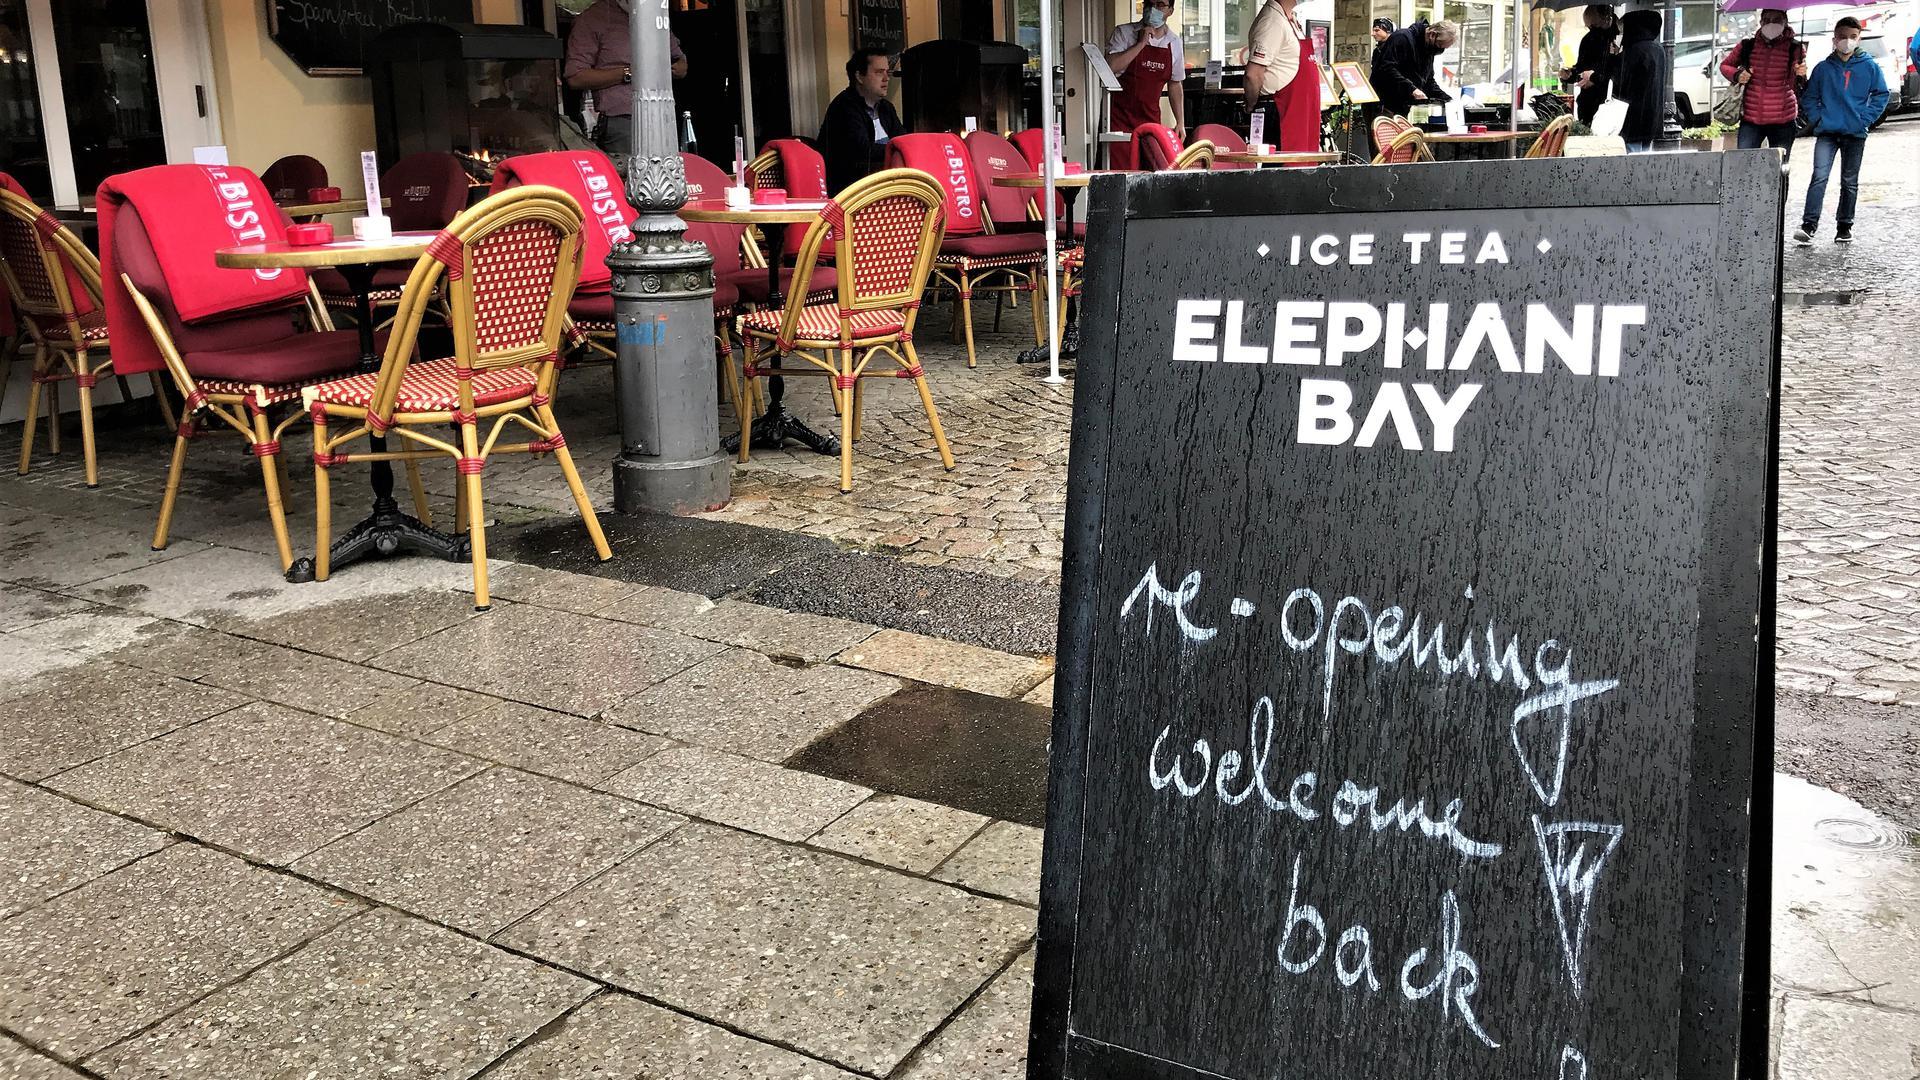 Ein Schild vor einem Restaurant macht auf die Wiedereröffnung aufmerksam.